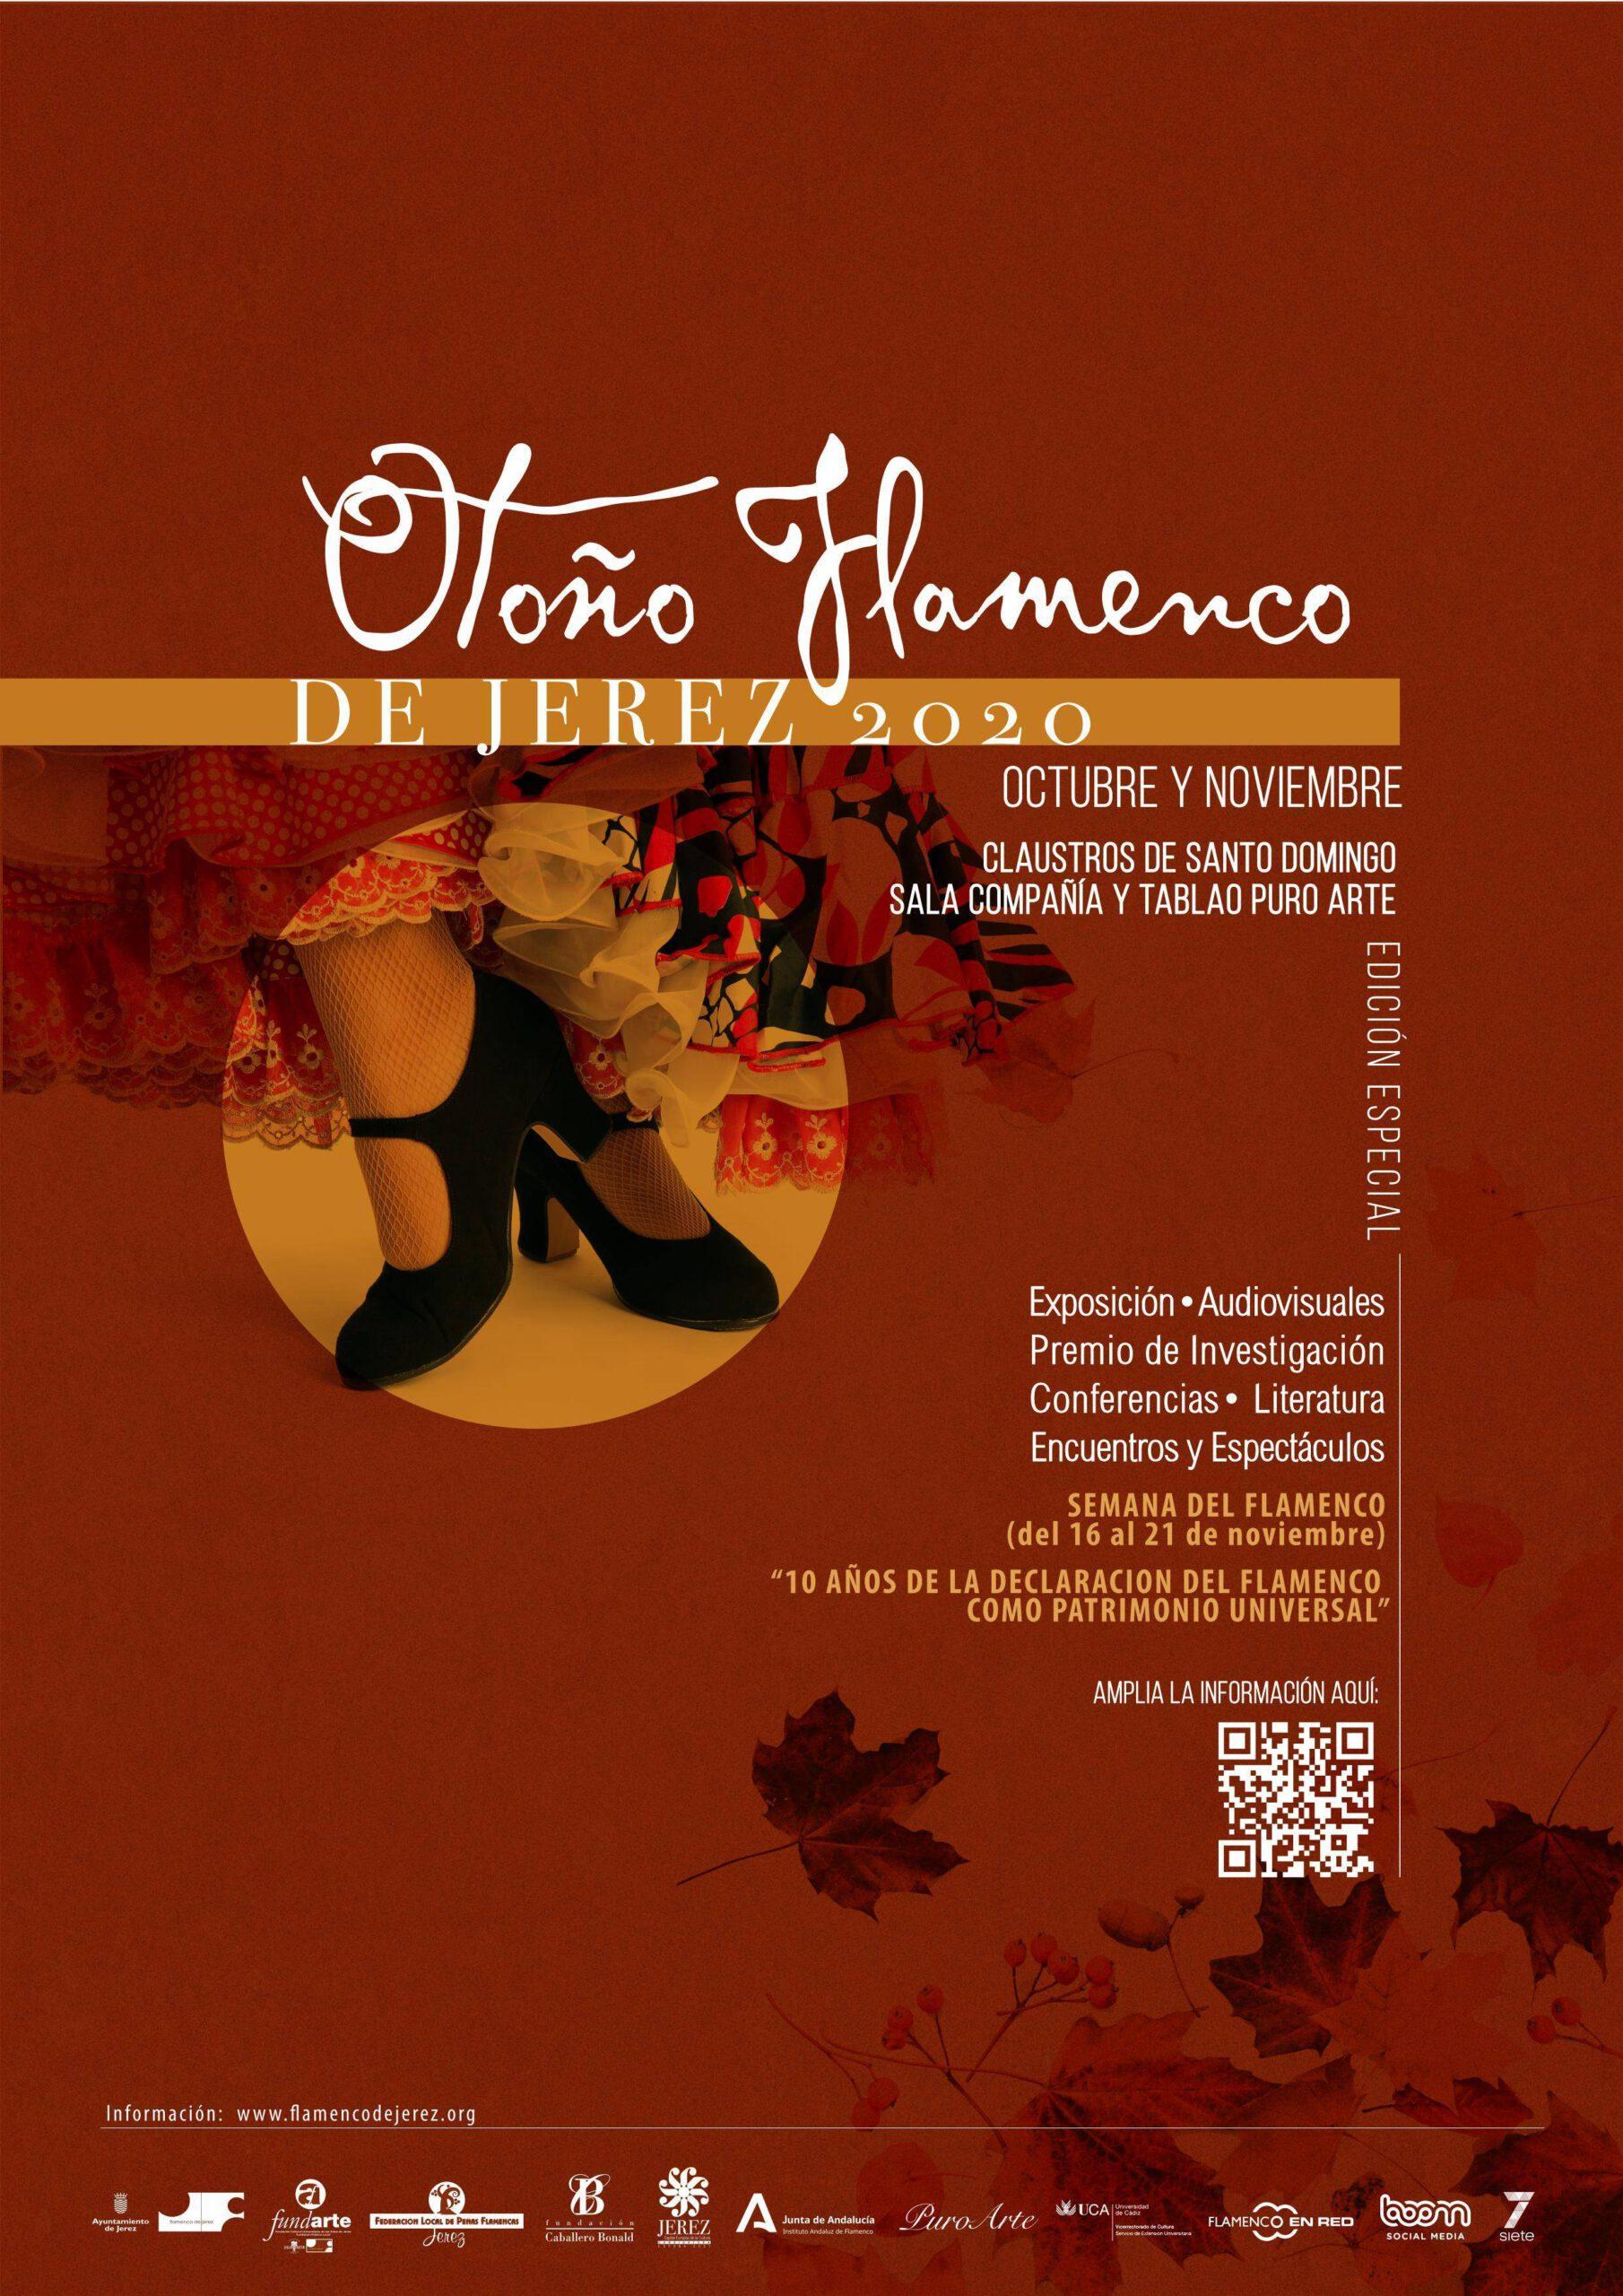 Otoño flamenco (2020) - Jerez de la Frontera (Cádiz)